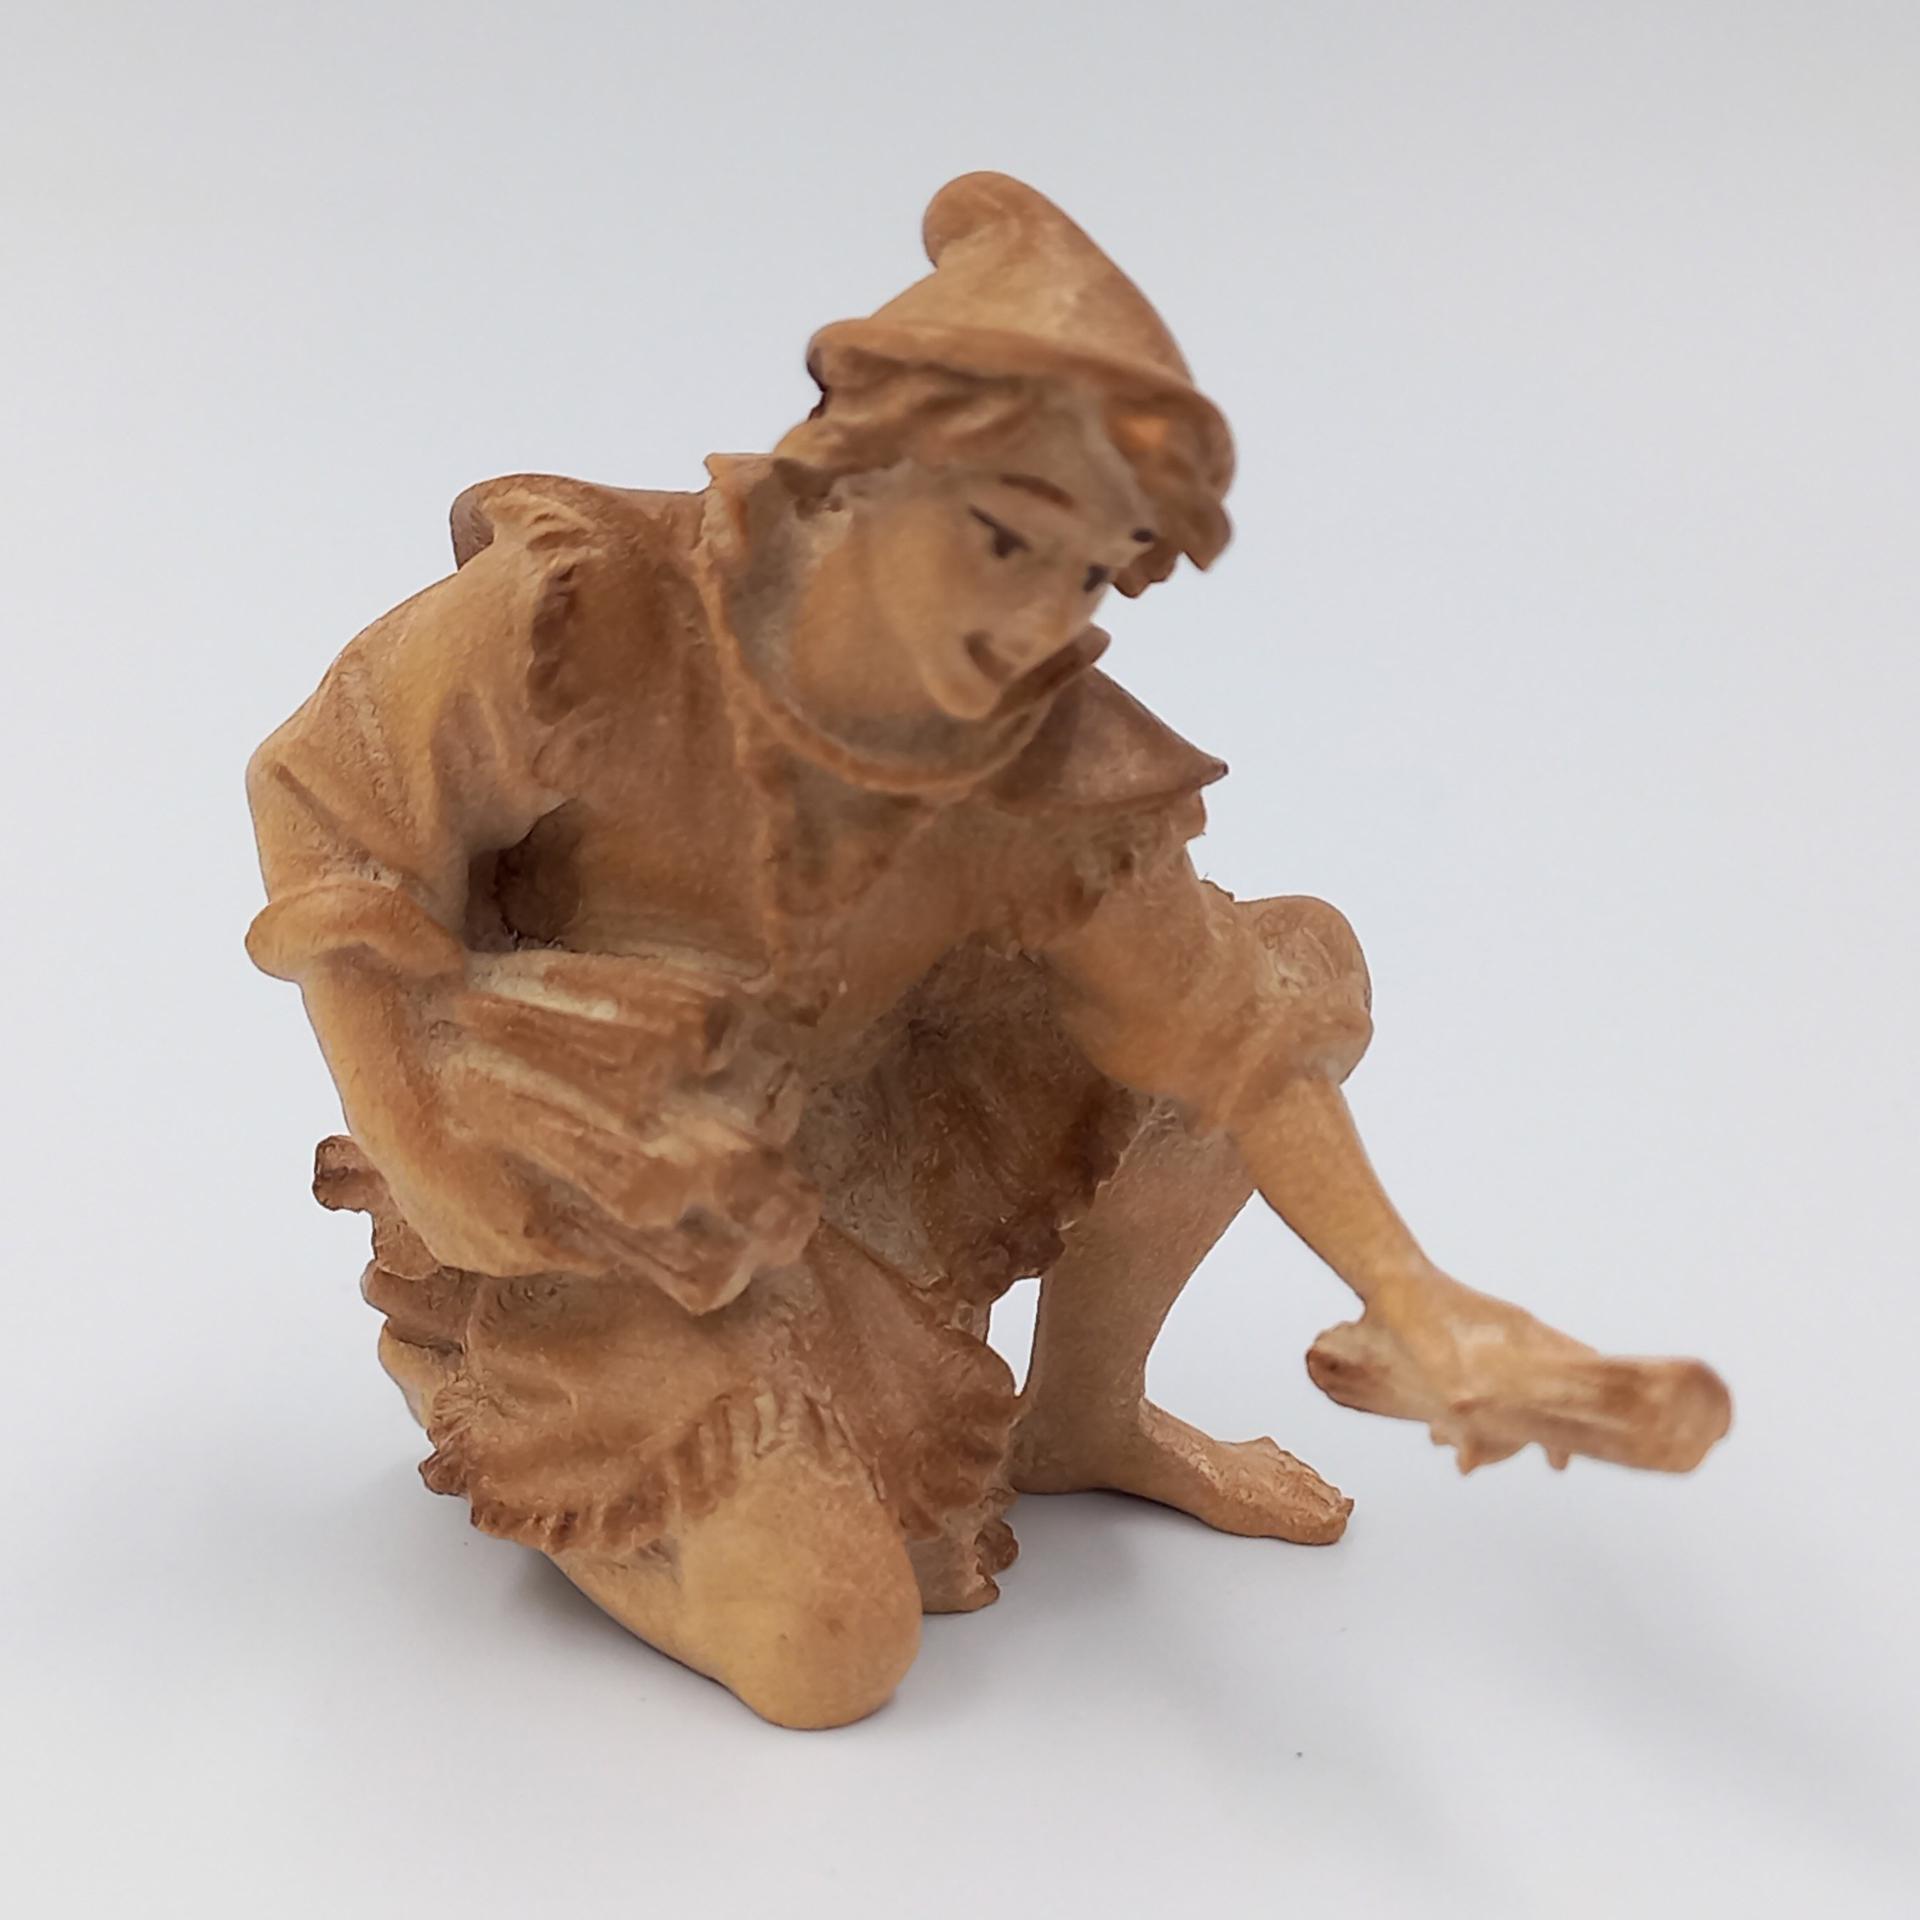 Krippenfigur Hirte kniend mit Holz Ulrich Krippe mfg